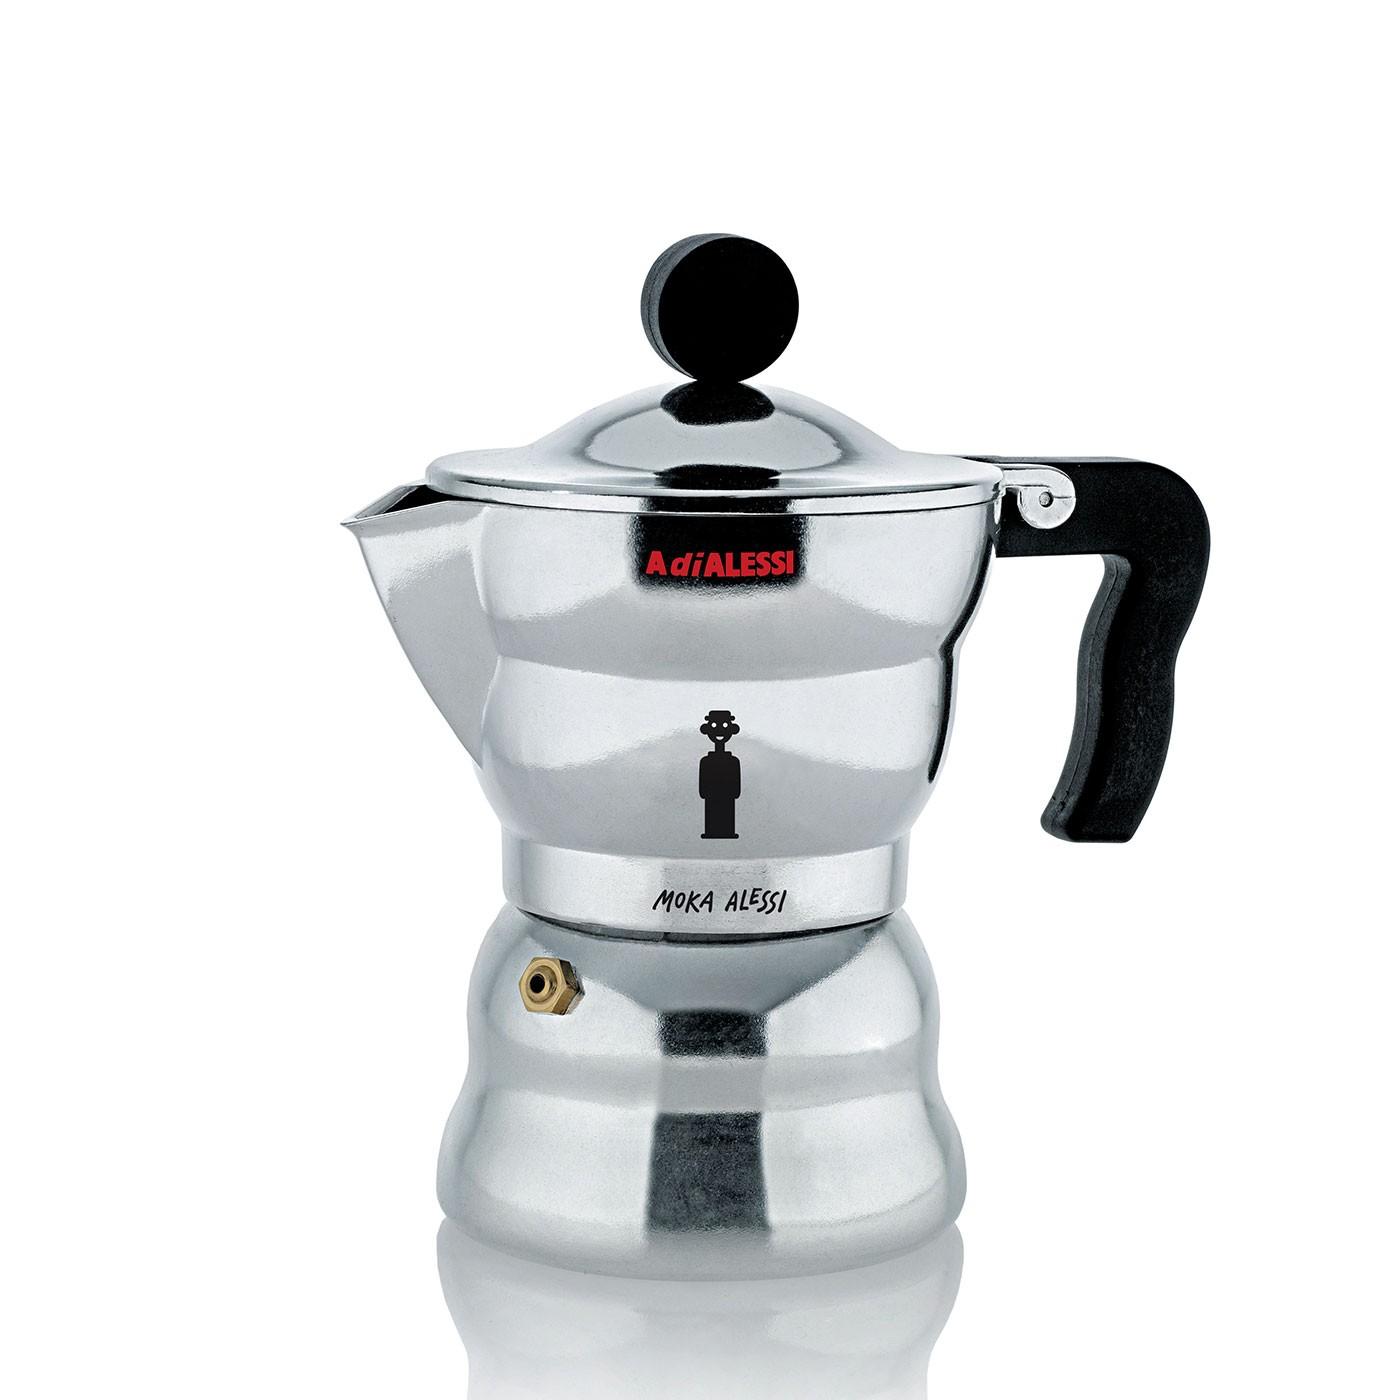 Moka Alessi Espresso Coffee Maker - 3 Cup